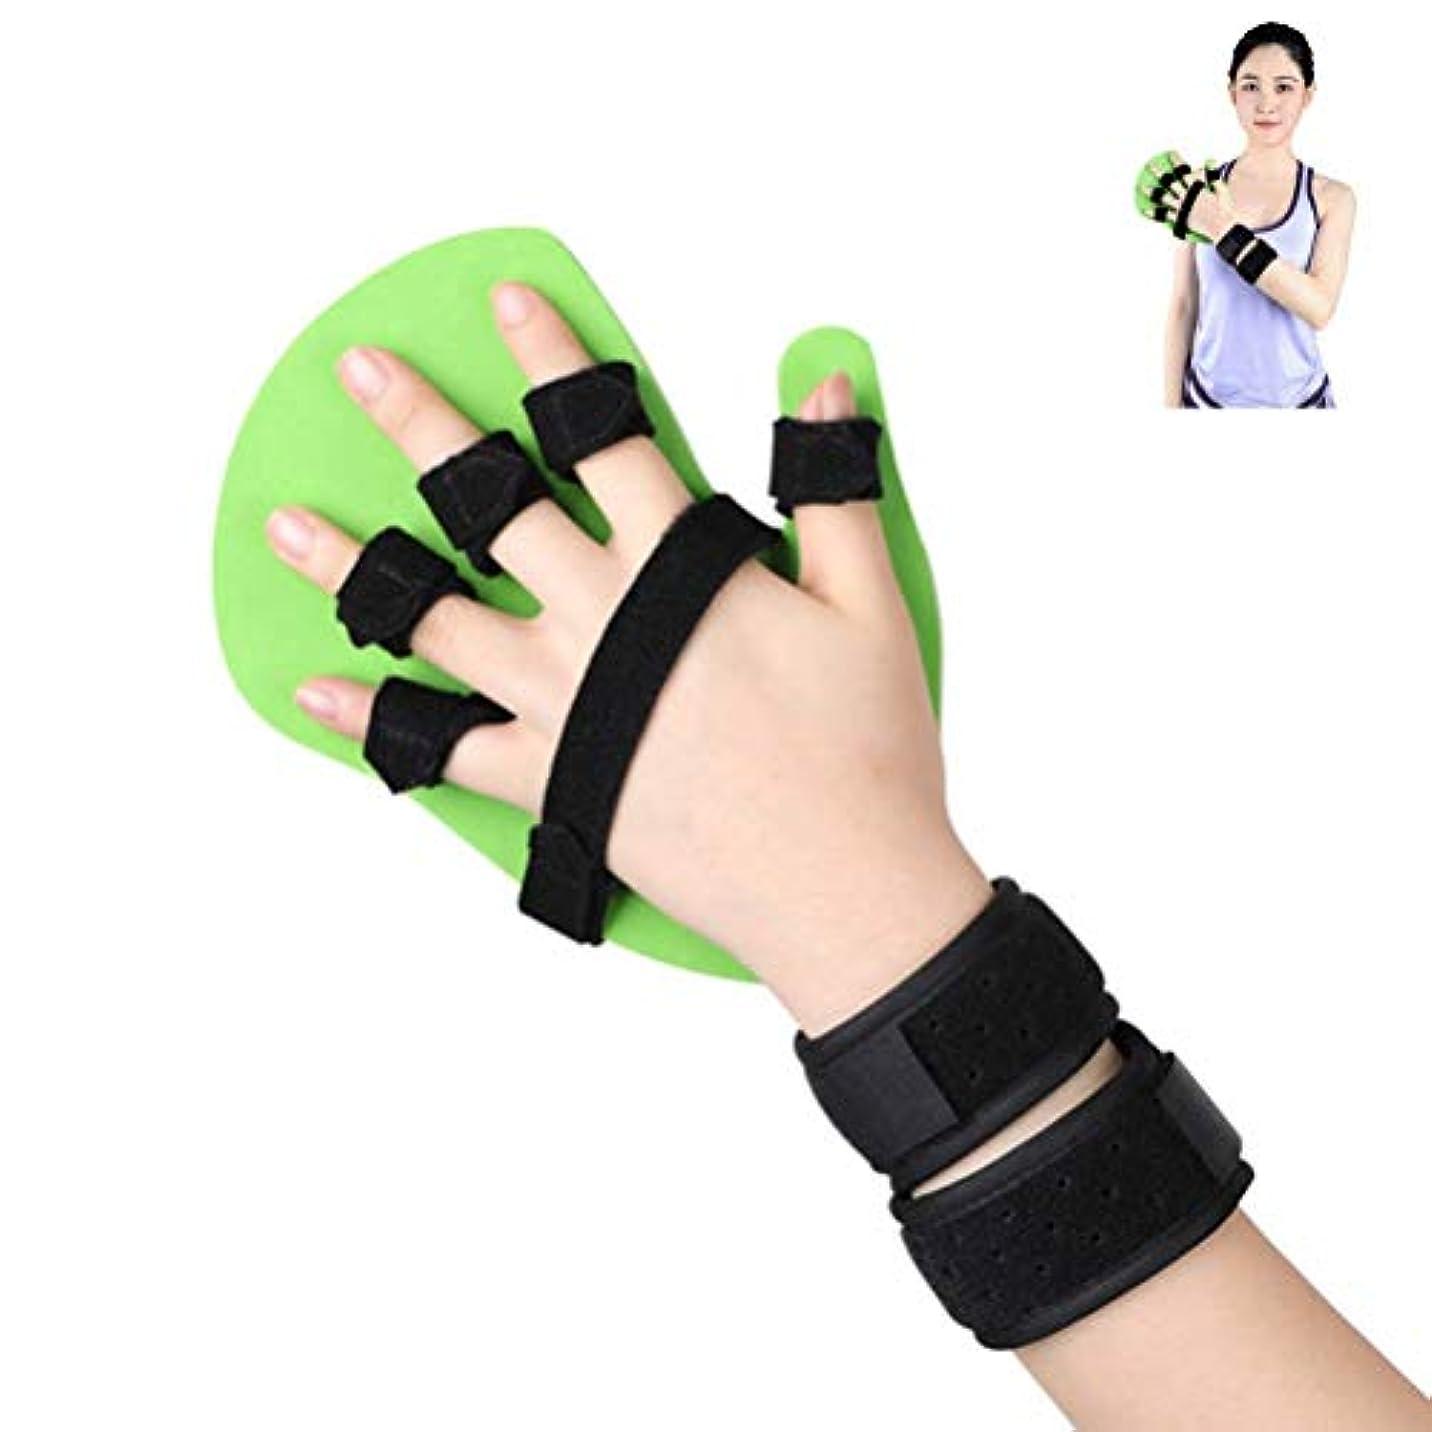 集団光の公フィンガースプリント指、指セパレーターインソール、手の手首のトレーニング装具デバイスブレース攣縮拡張ボードスプリント脳卒中 (Color : Left, Size : S)